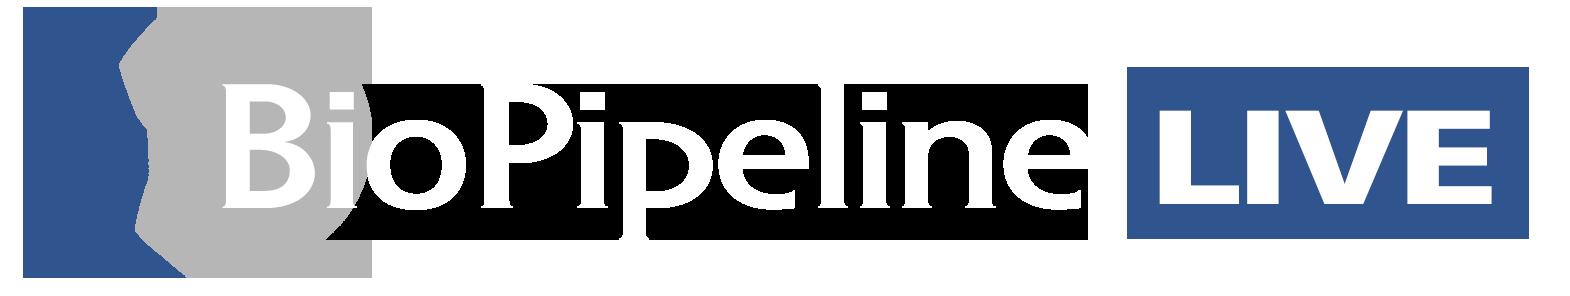 BioPipeline Live